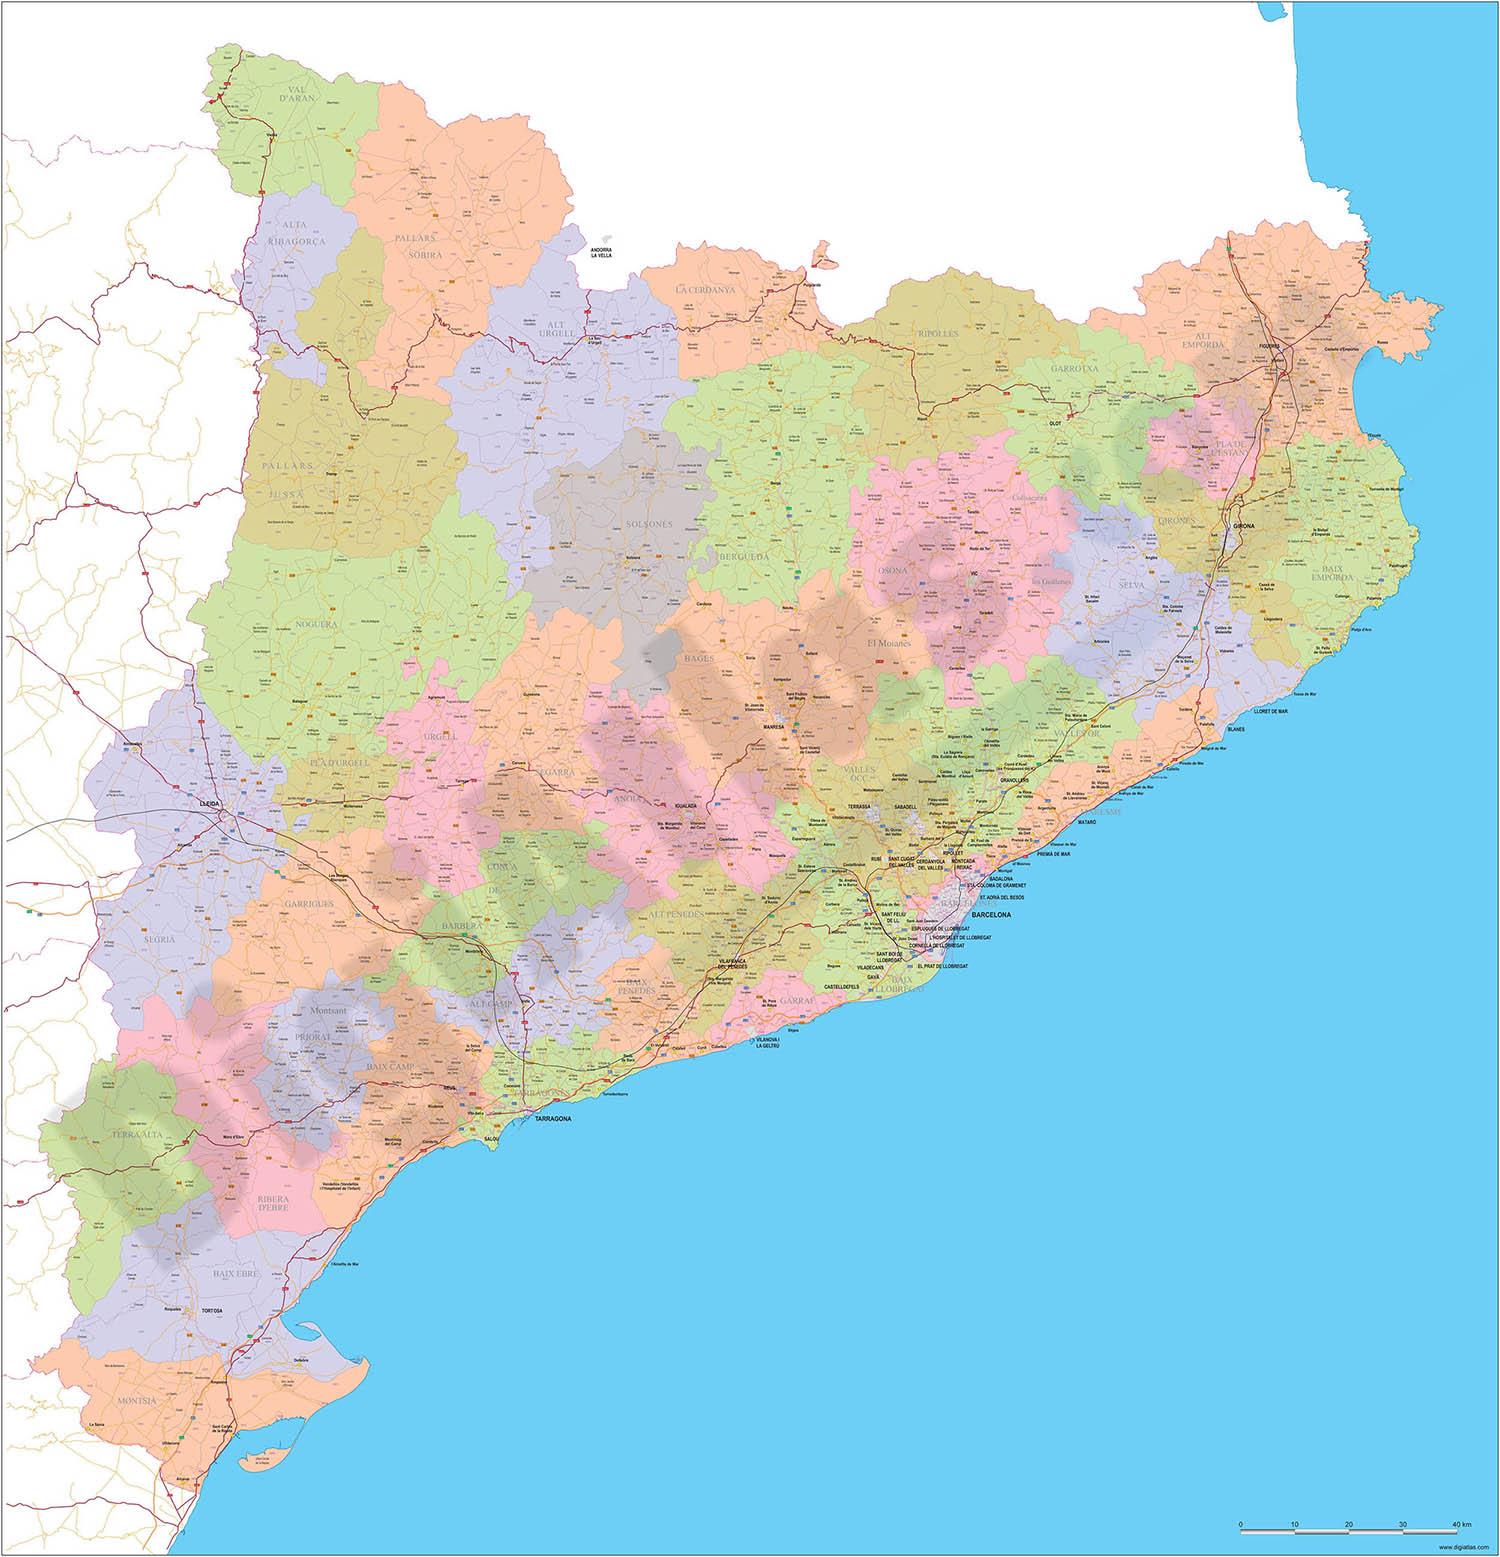 Catalunya - Mapa de códigos postales con comarcas, municipios y carreteras